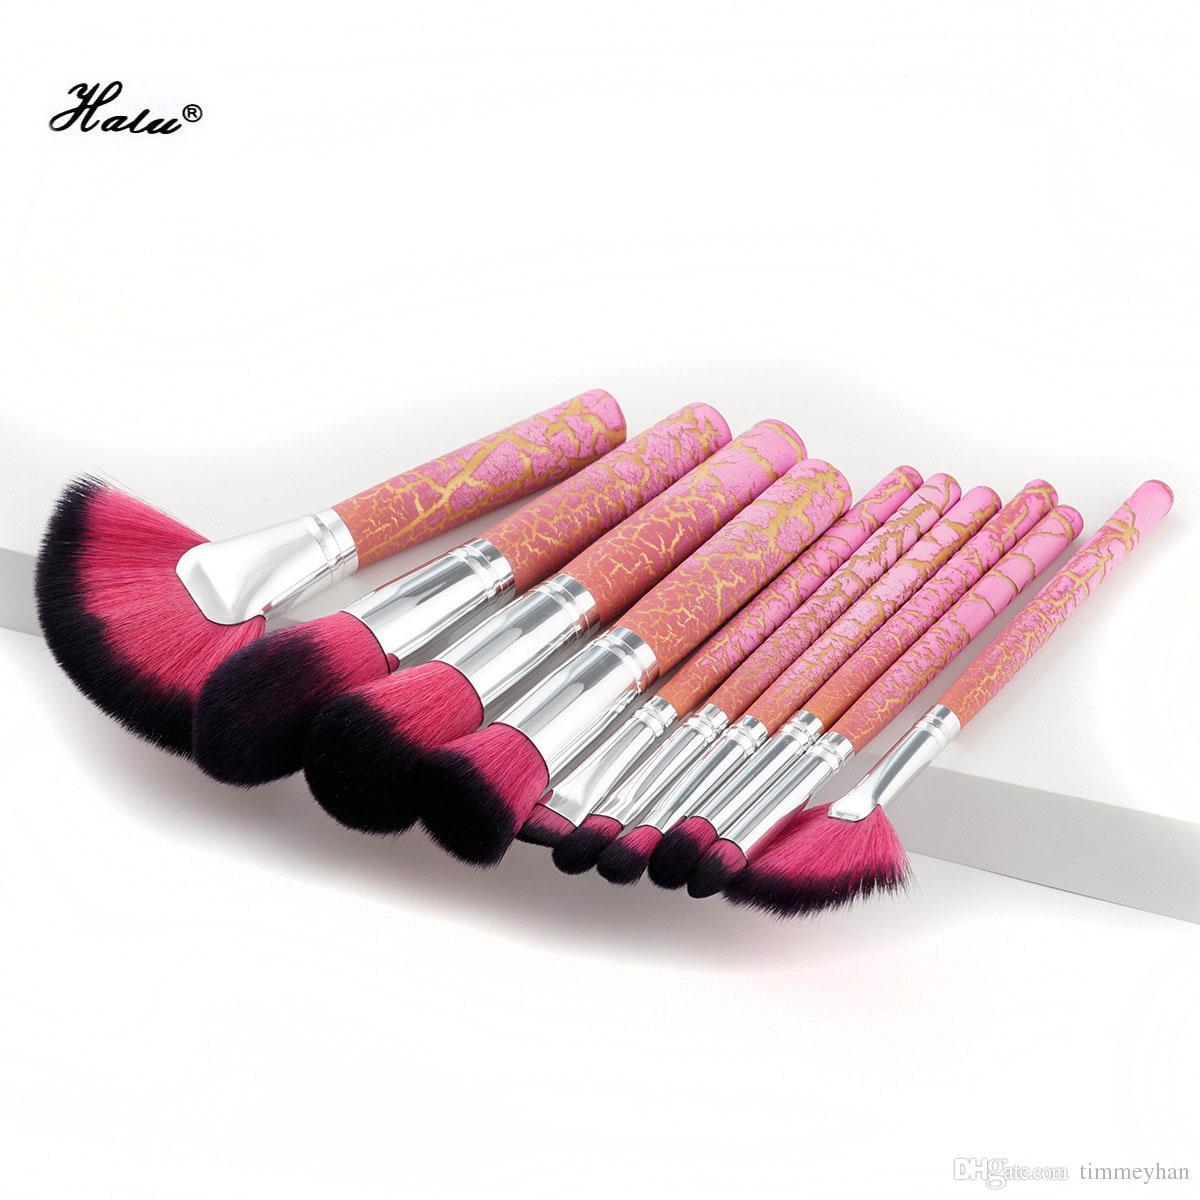 chaude rose fissure poignée maquillage pinceaux brosse de maquillage licorne ensemble Fondation Blush mélange fard à paupières cosmétique outil Kit